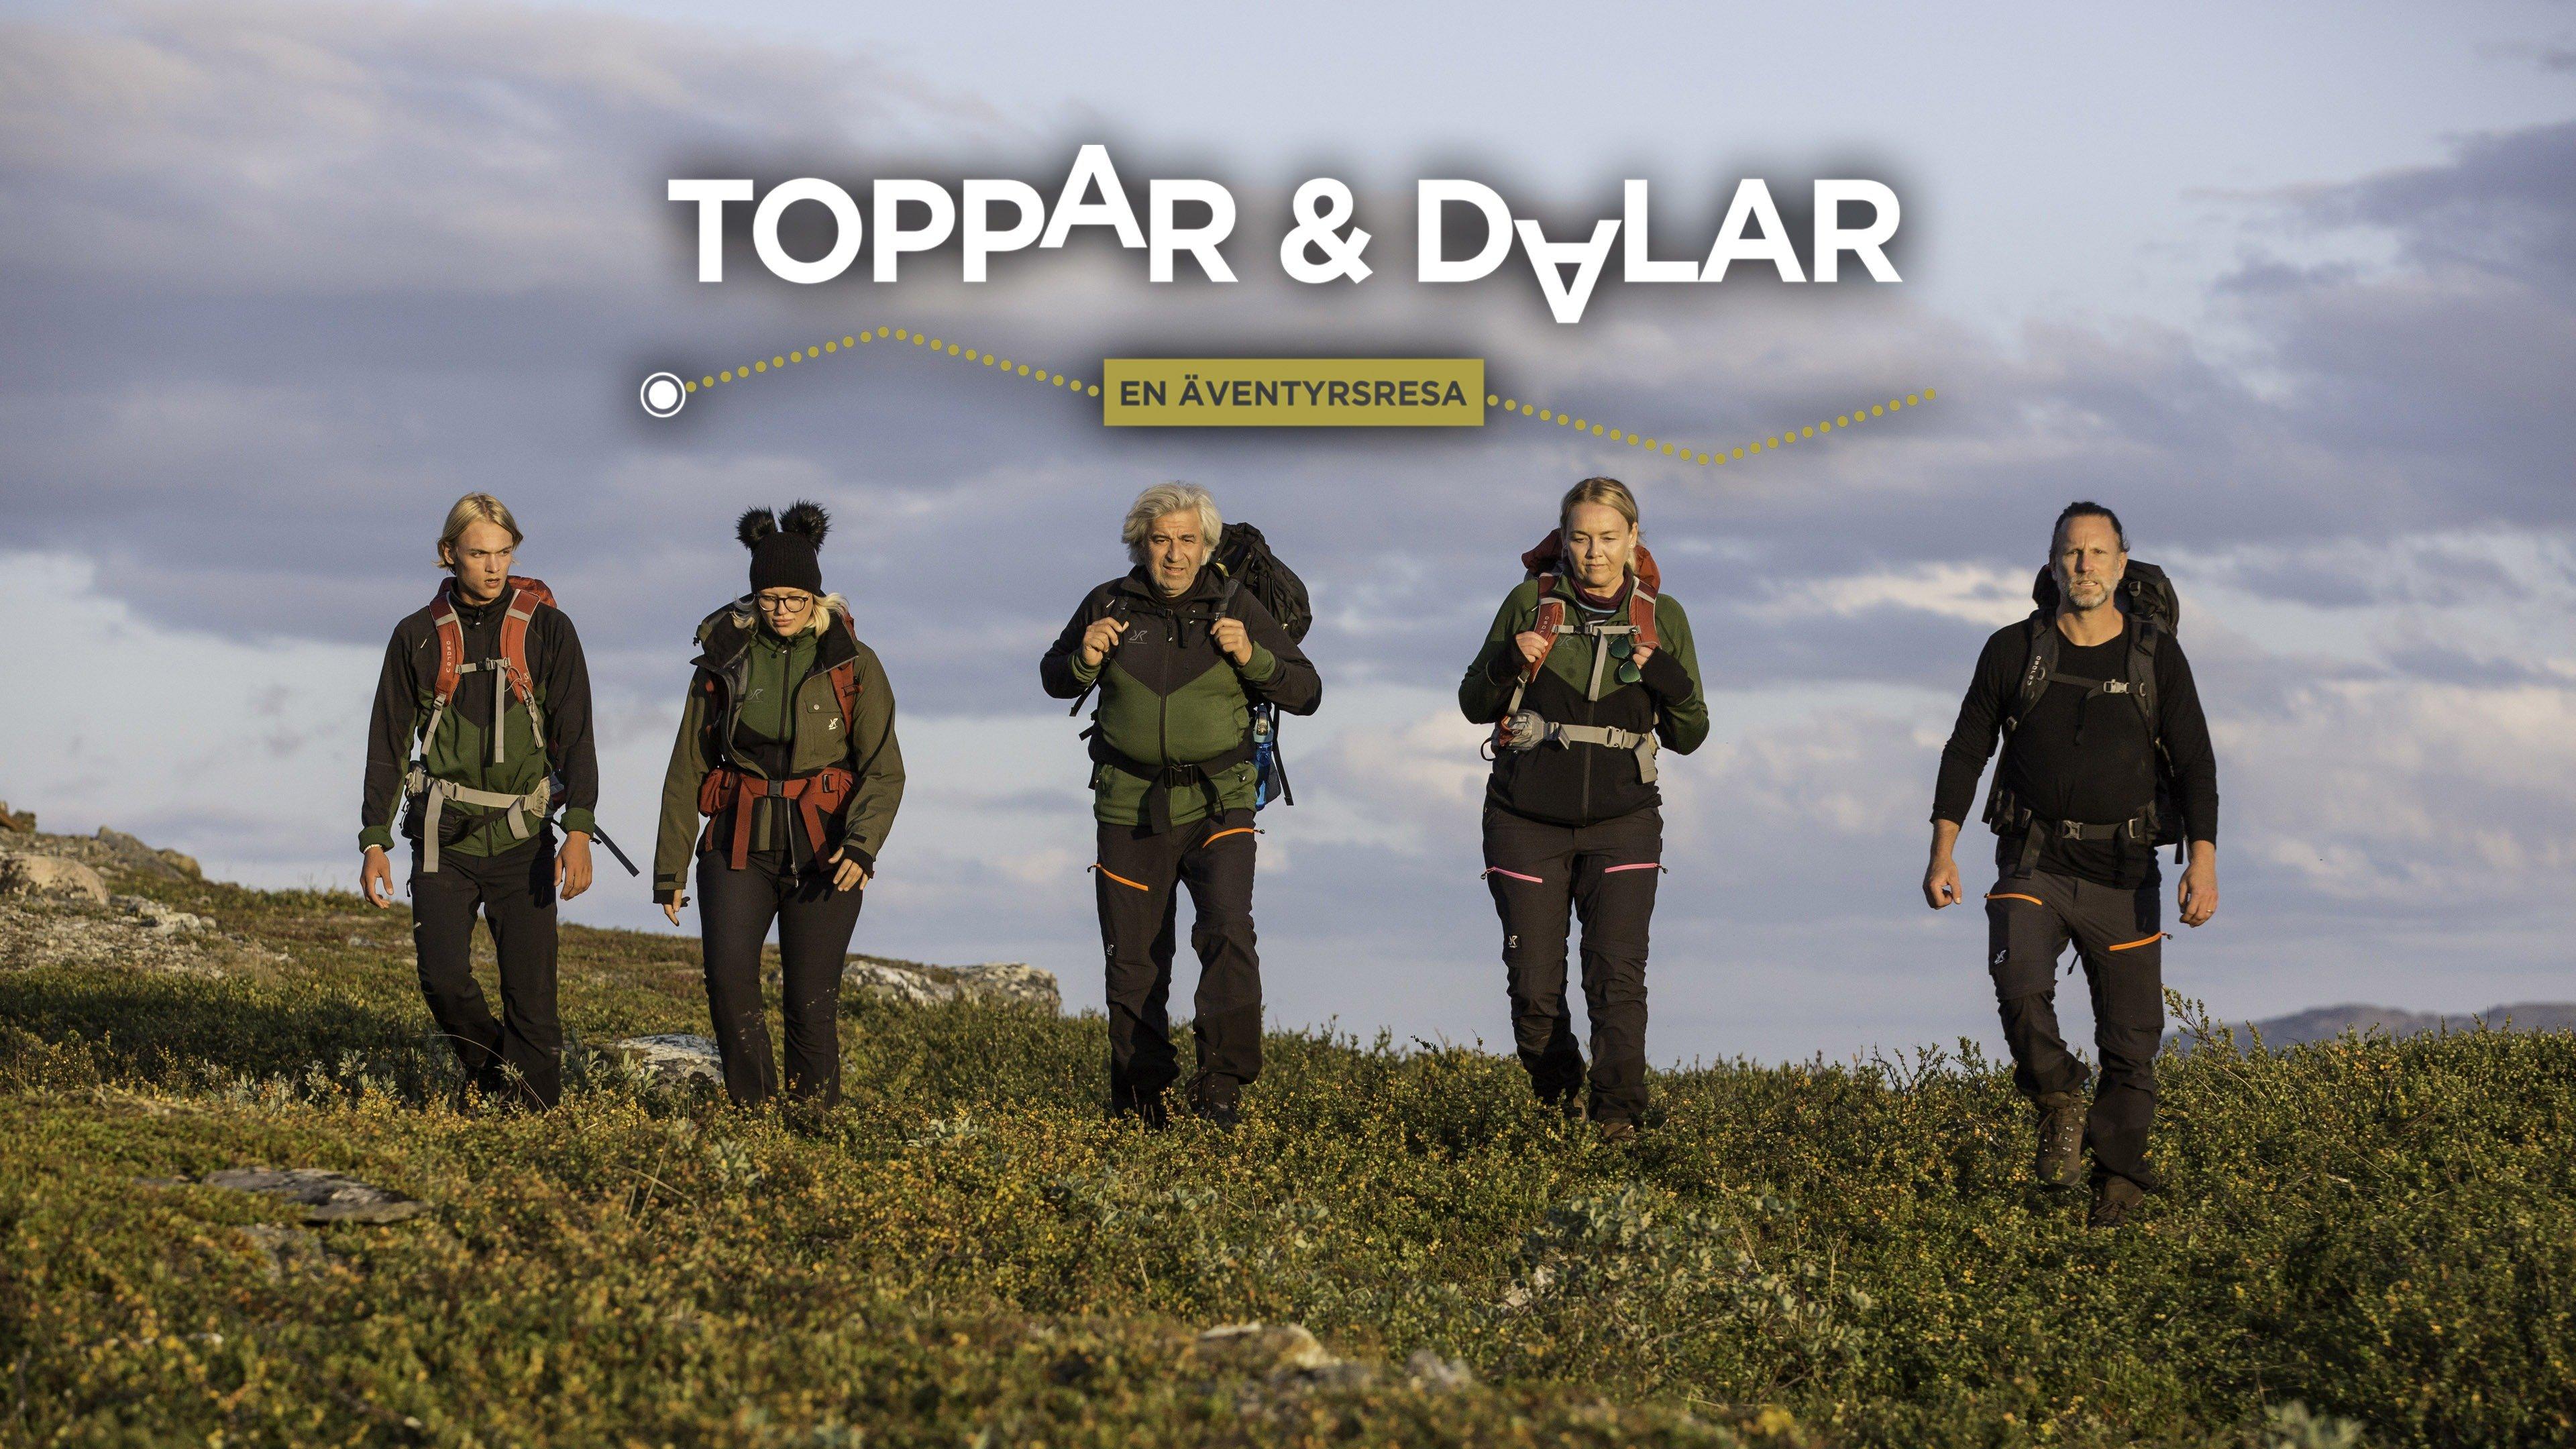 Toppar & dalar - En äventyrsresa